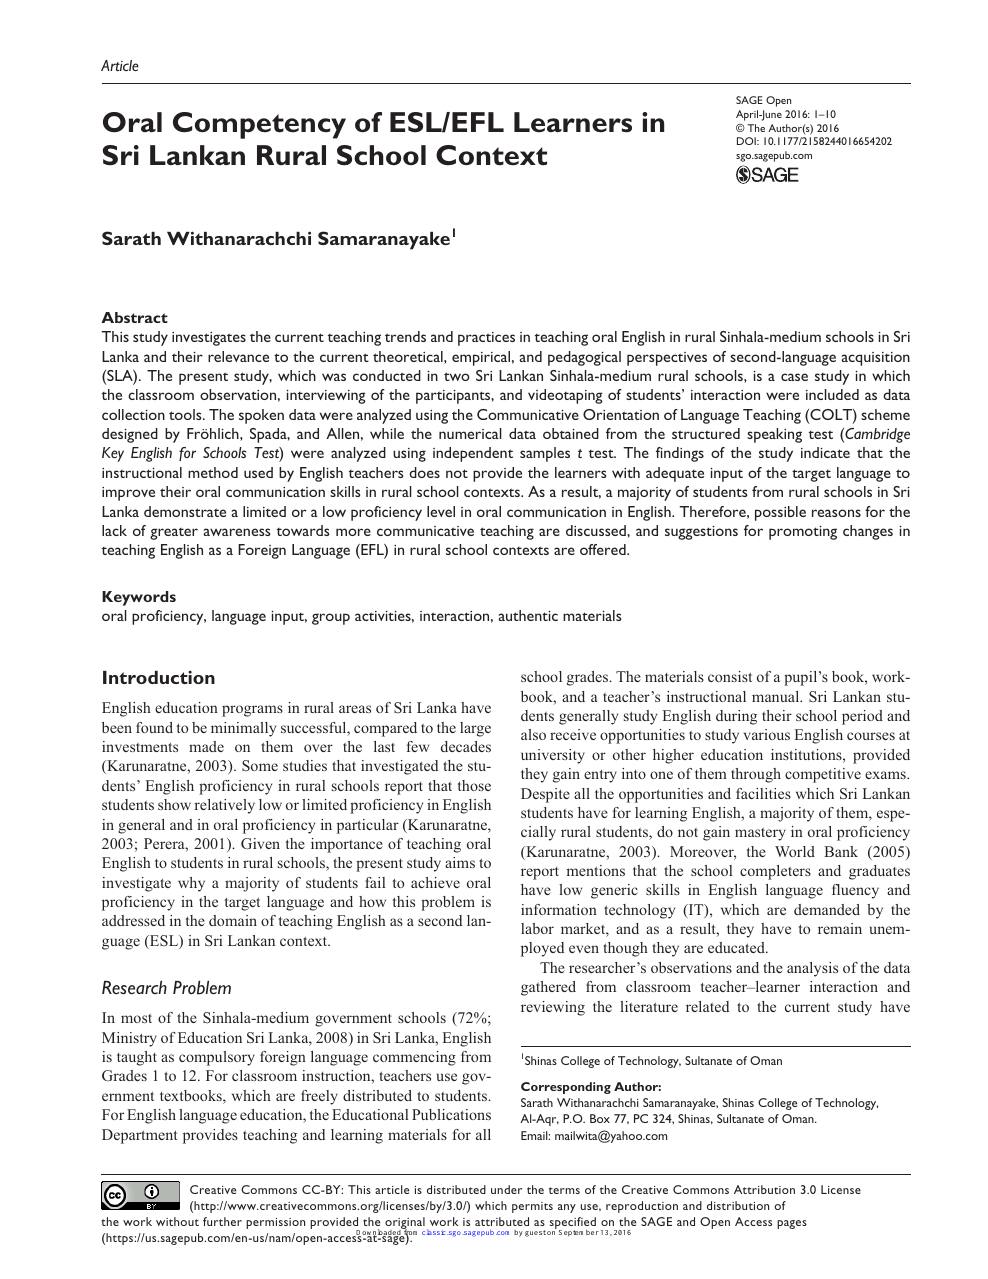 Oral Competency of ESL/EFL Learners in Sri Lankan Rural School